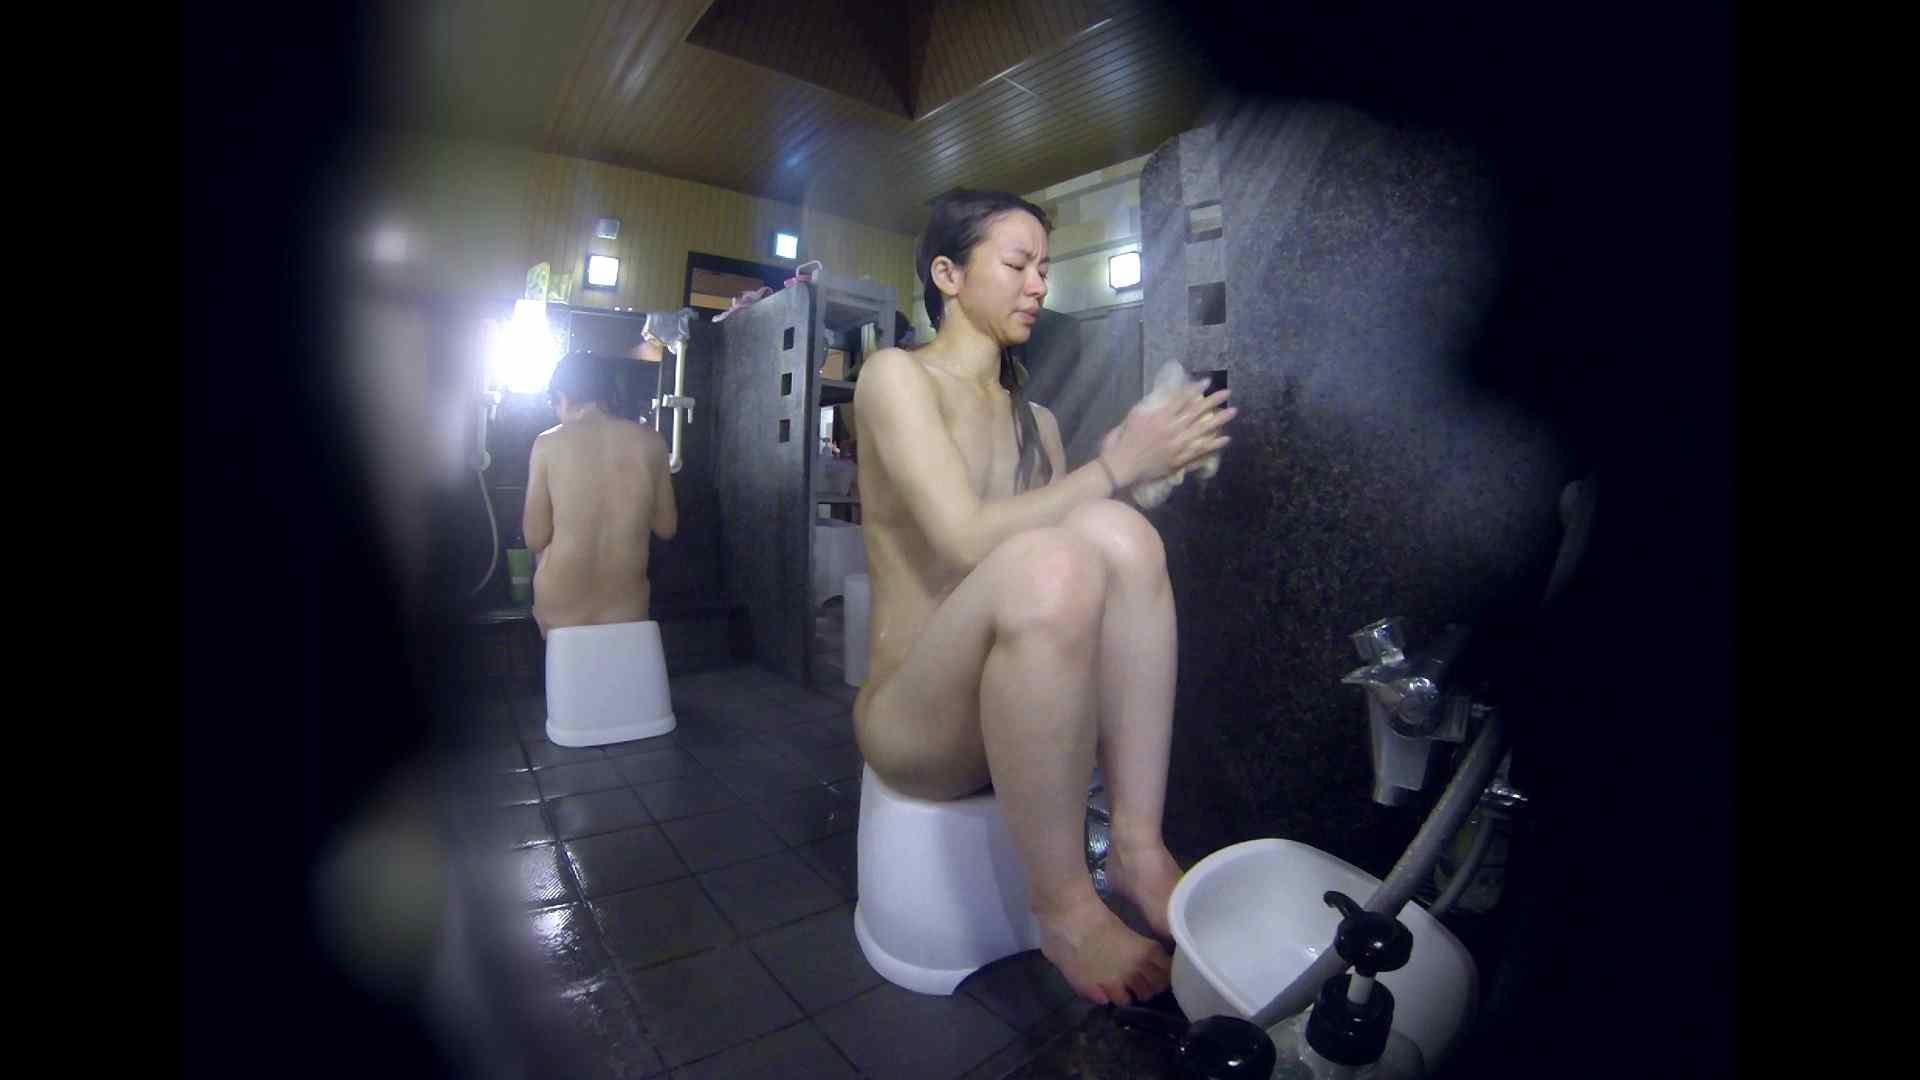 洗い場!可愛い?ブサイク?確かなのは貧乳であること 女湯 セックス画像 61画像 27